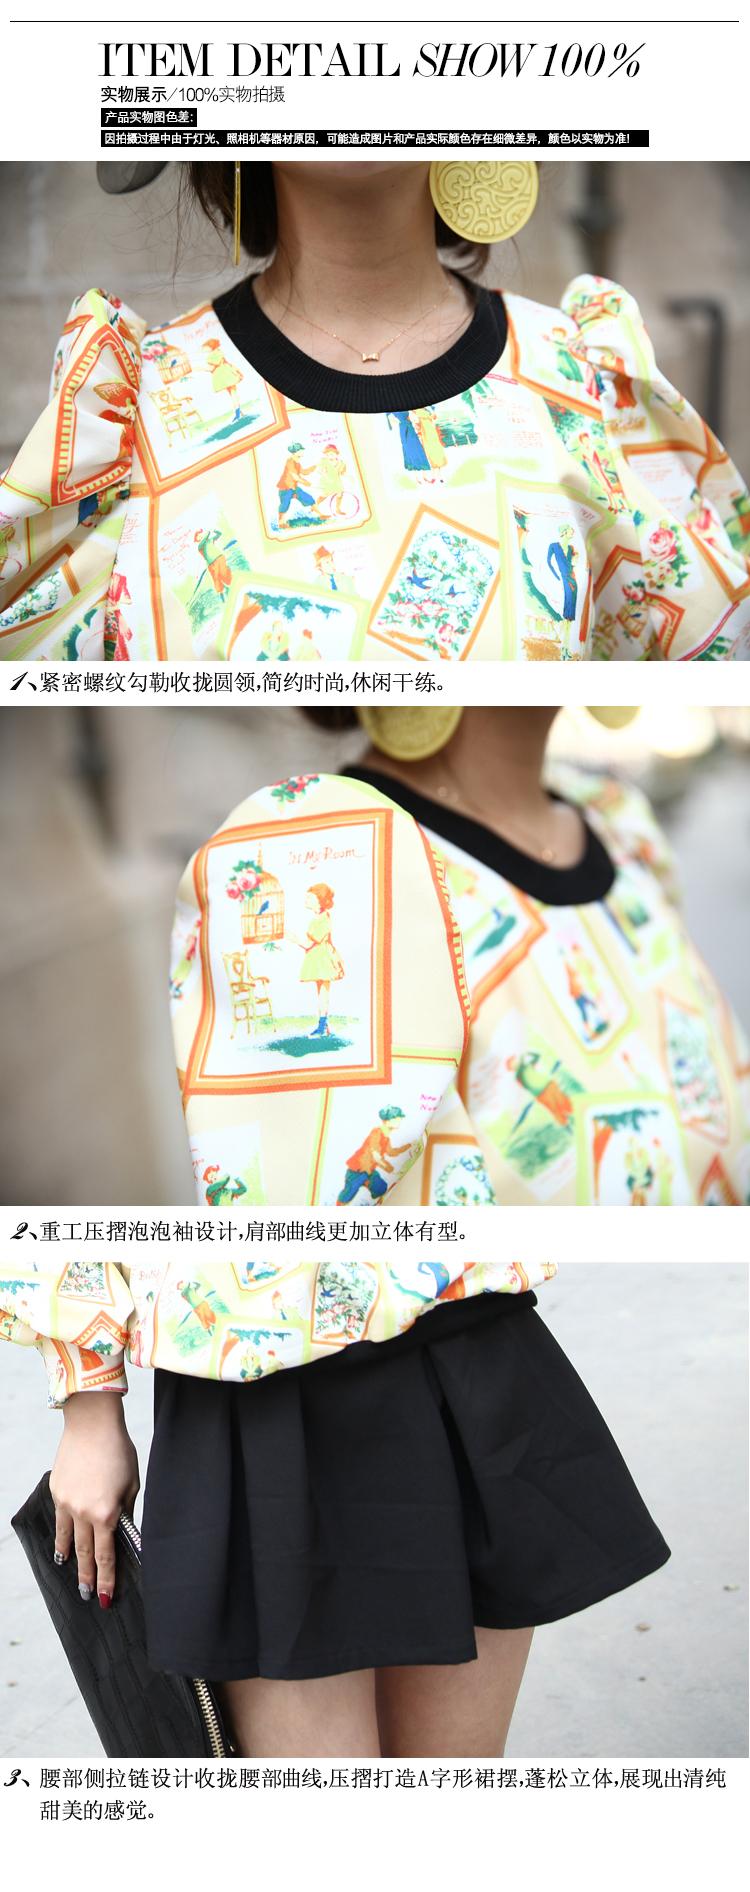 厂家一手货源2014专柜高档春装新款品牌女装连衣裙A335图片六